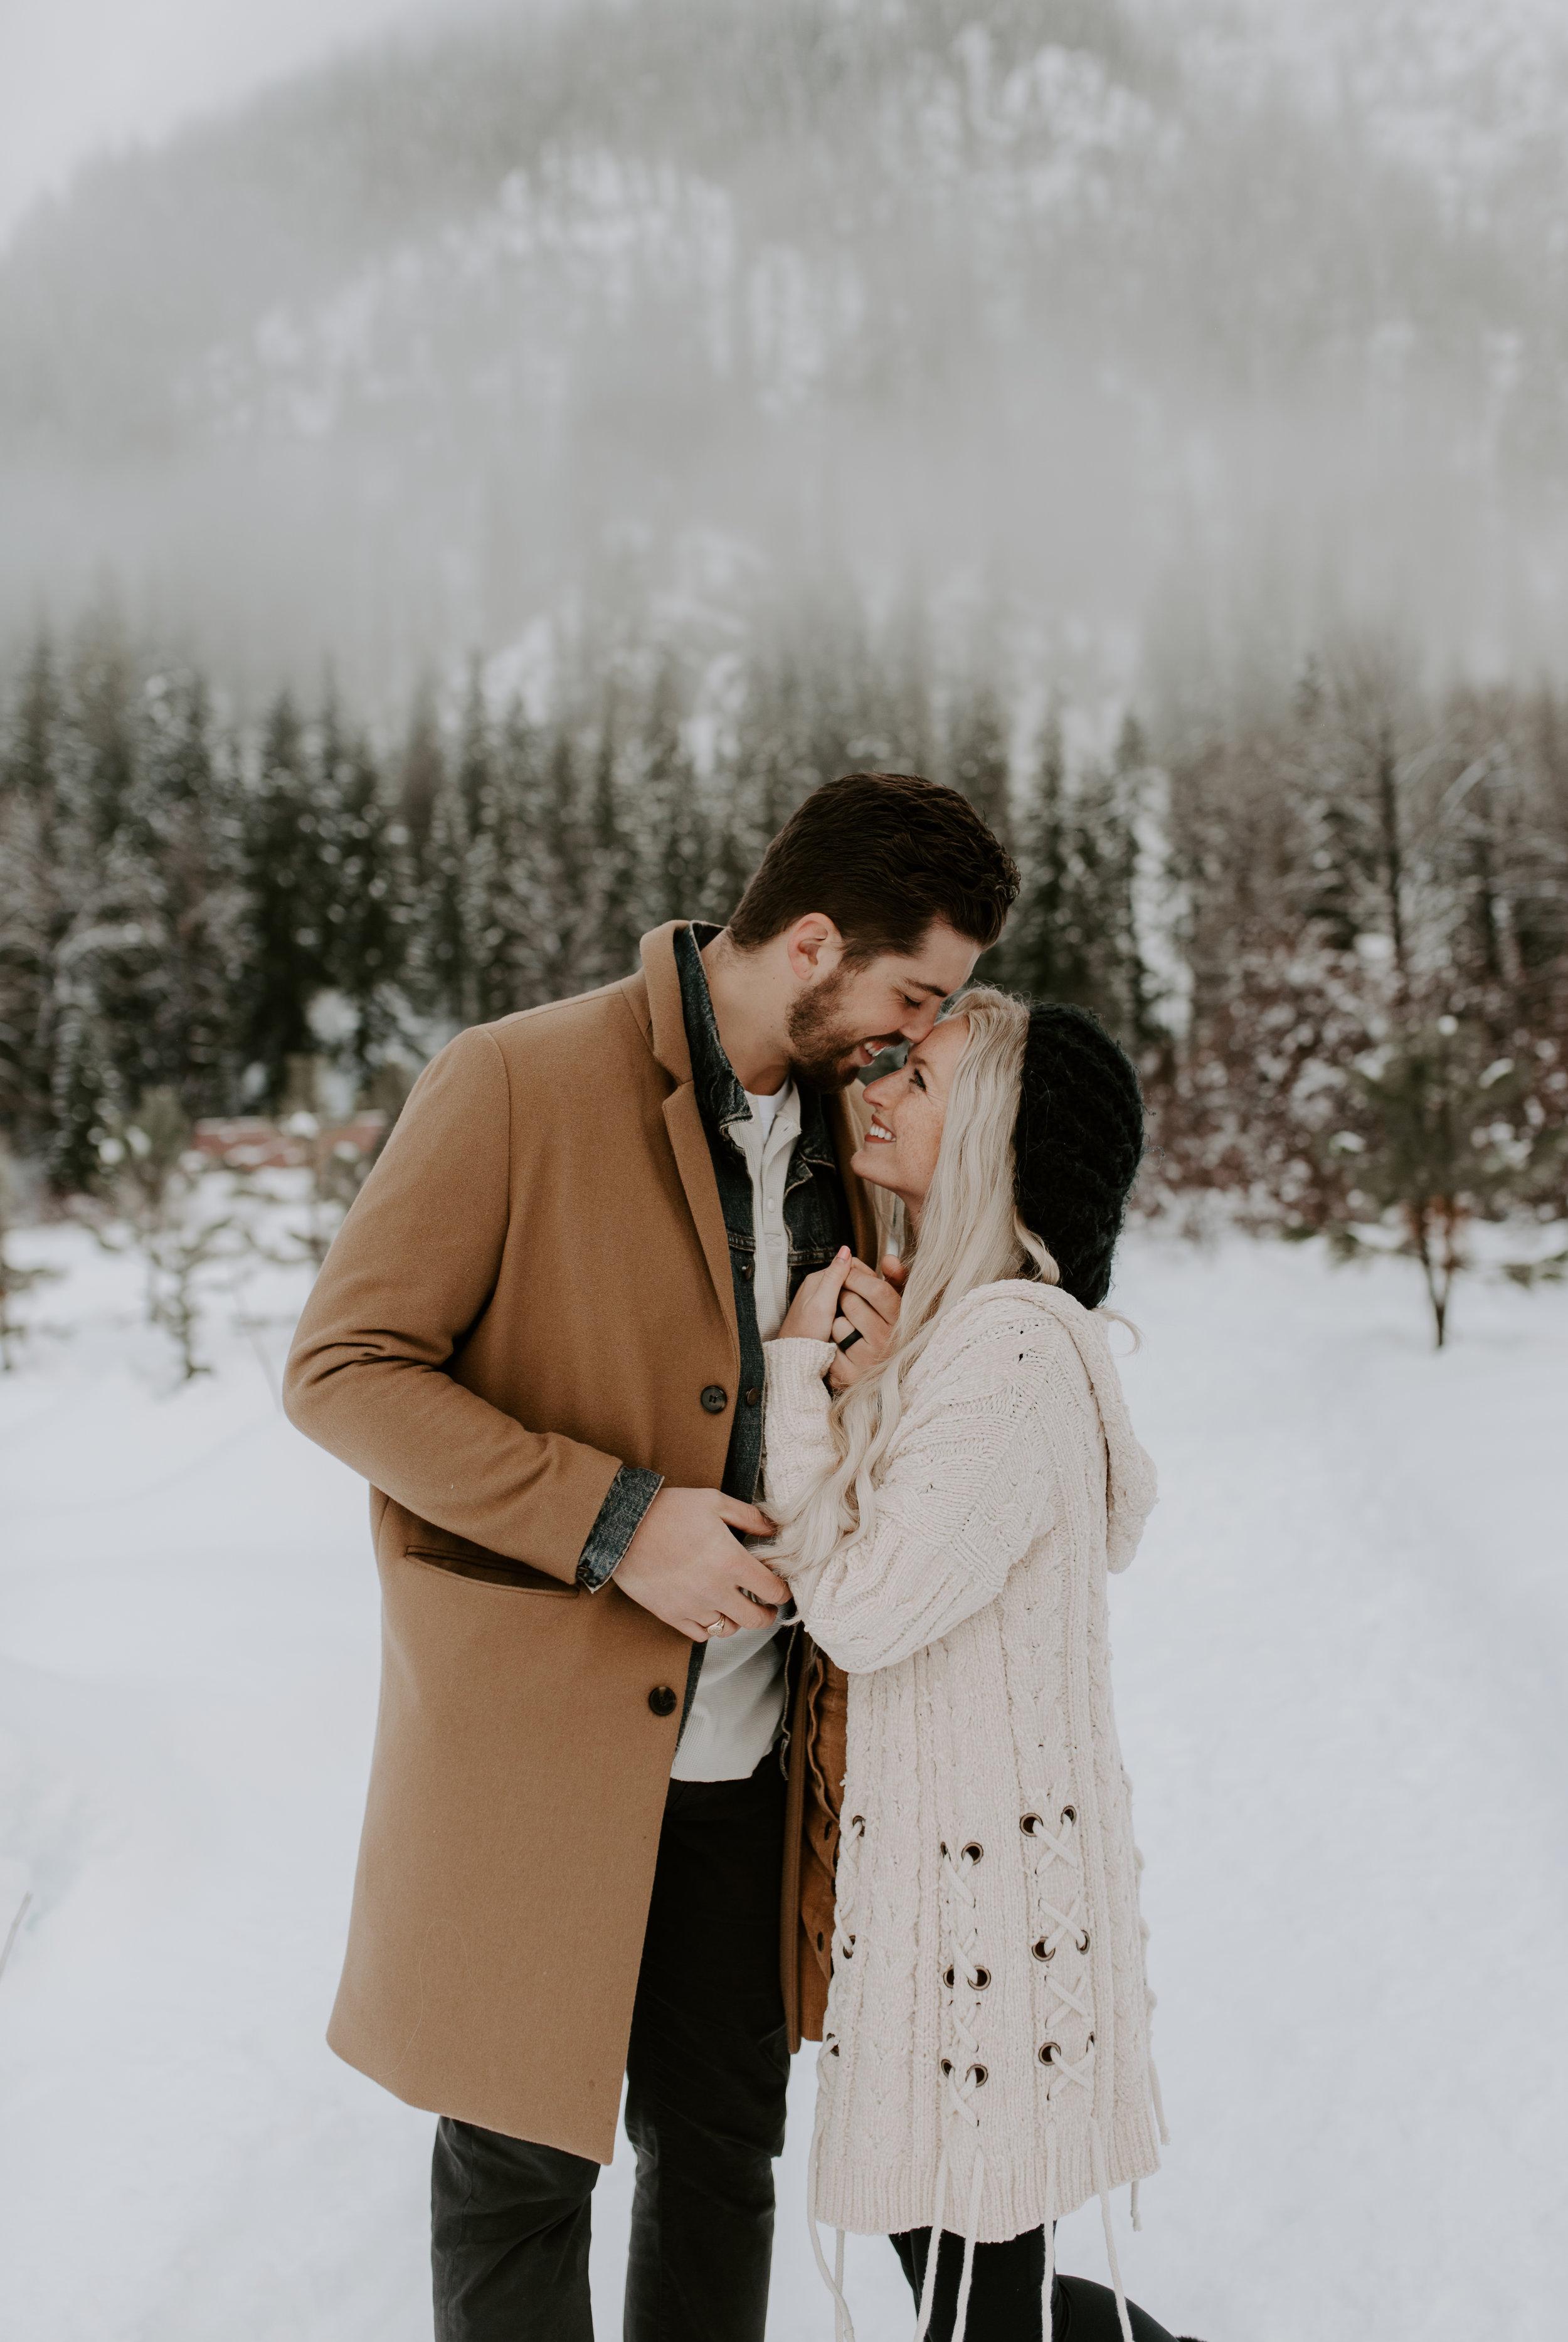 Washington and PNW elopement & wedding photographer.